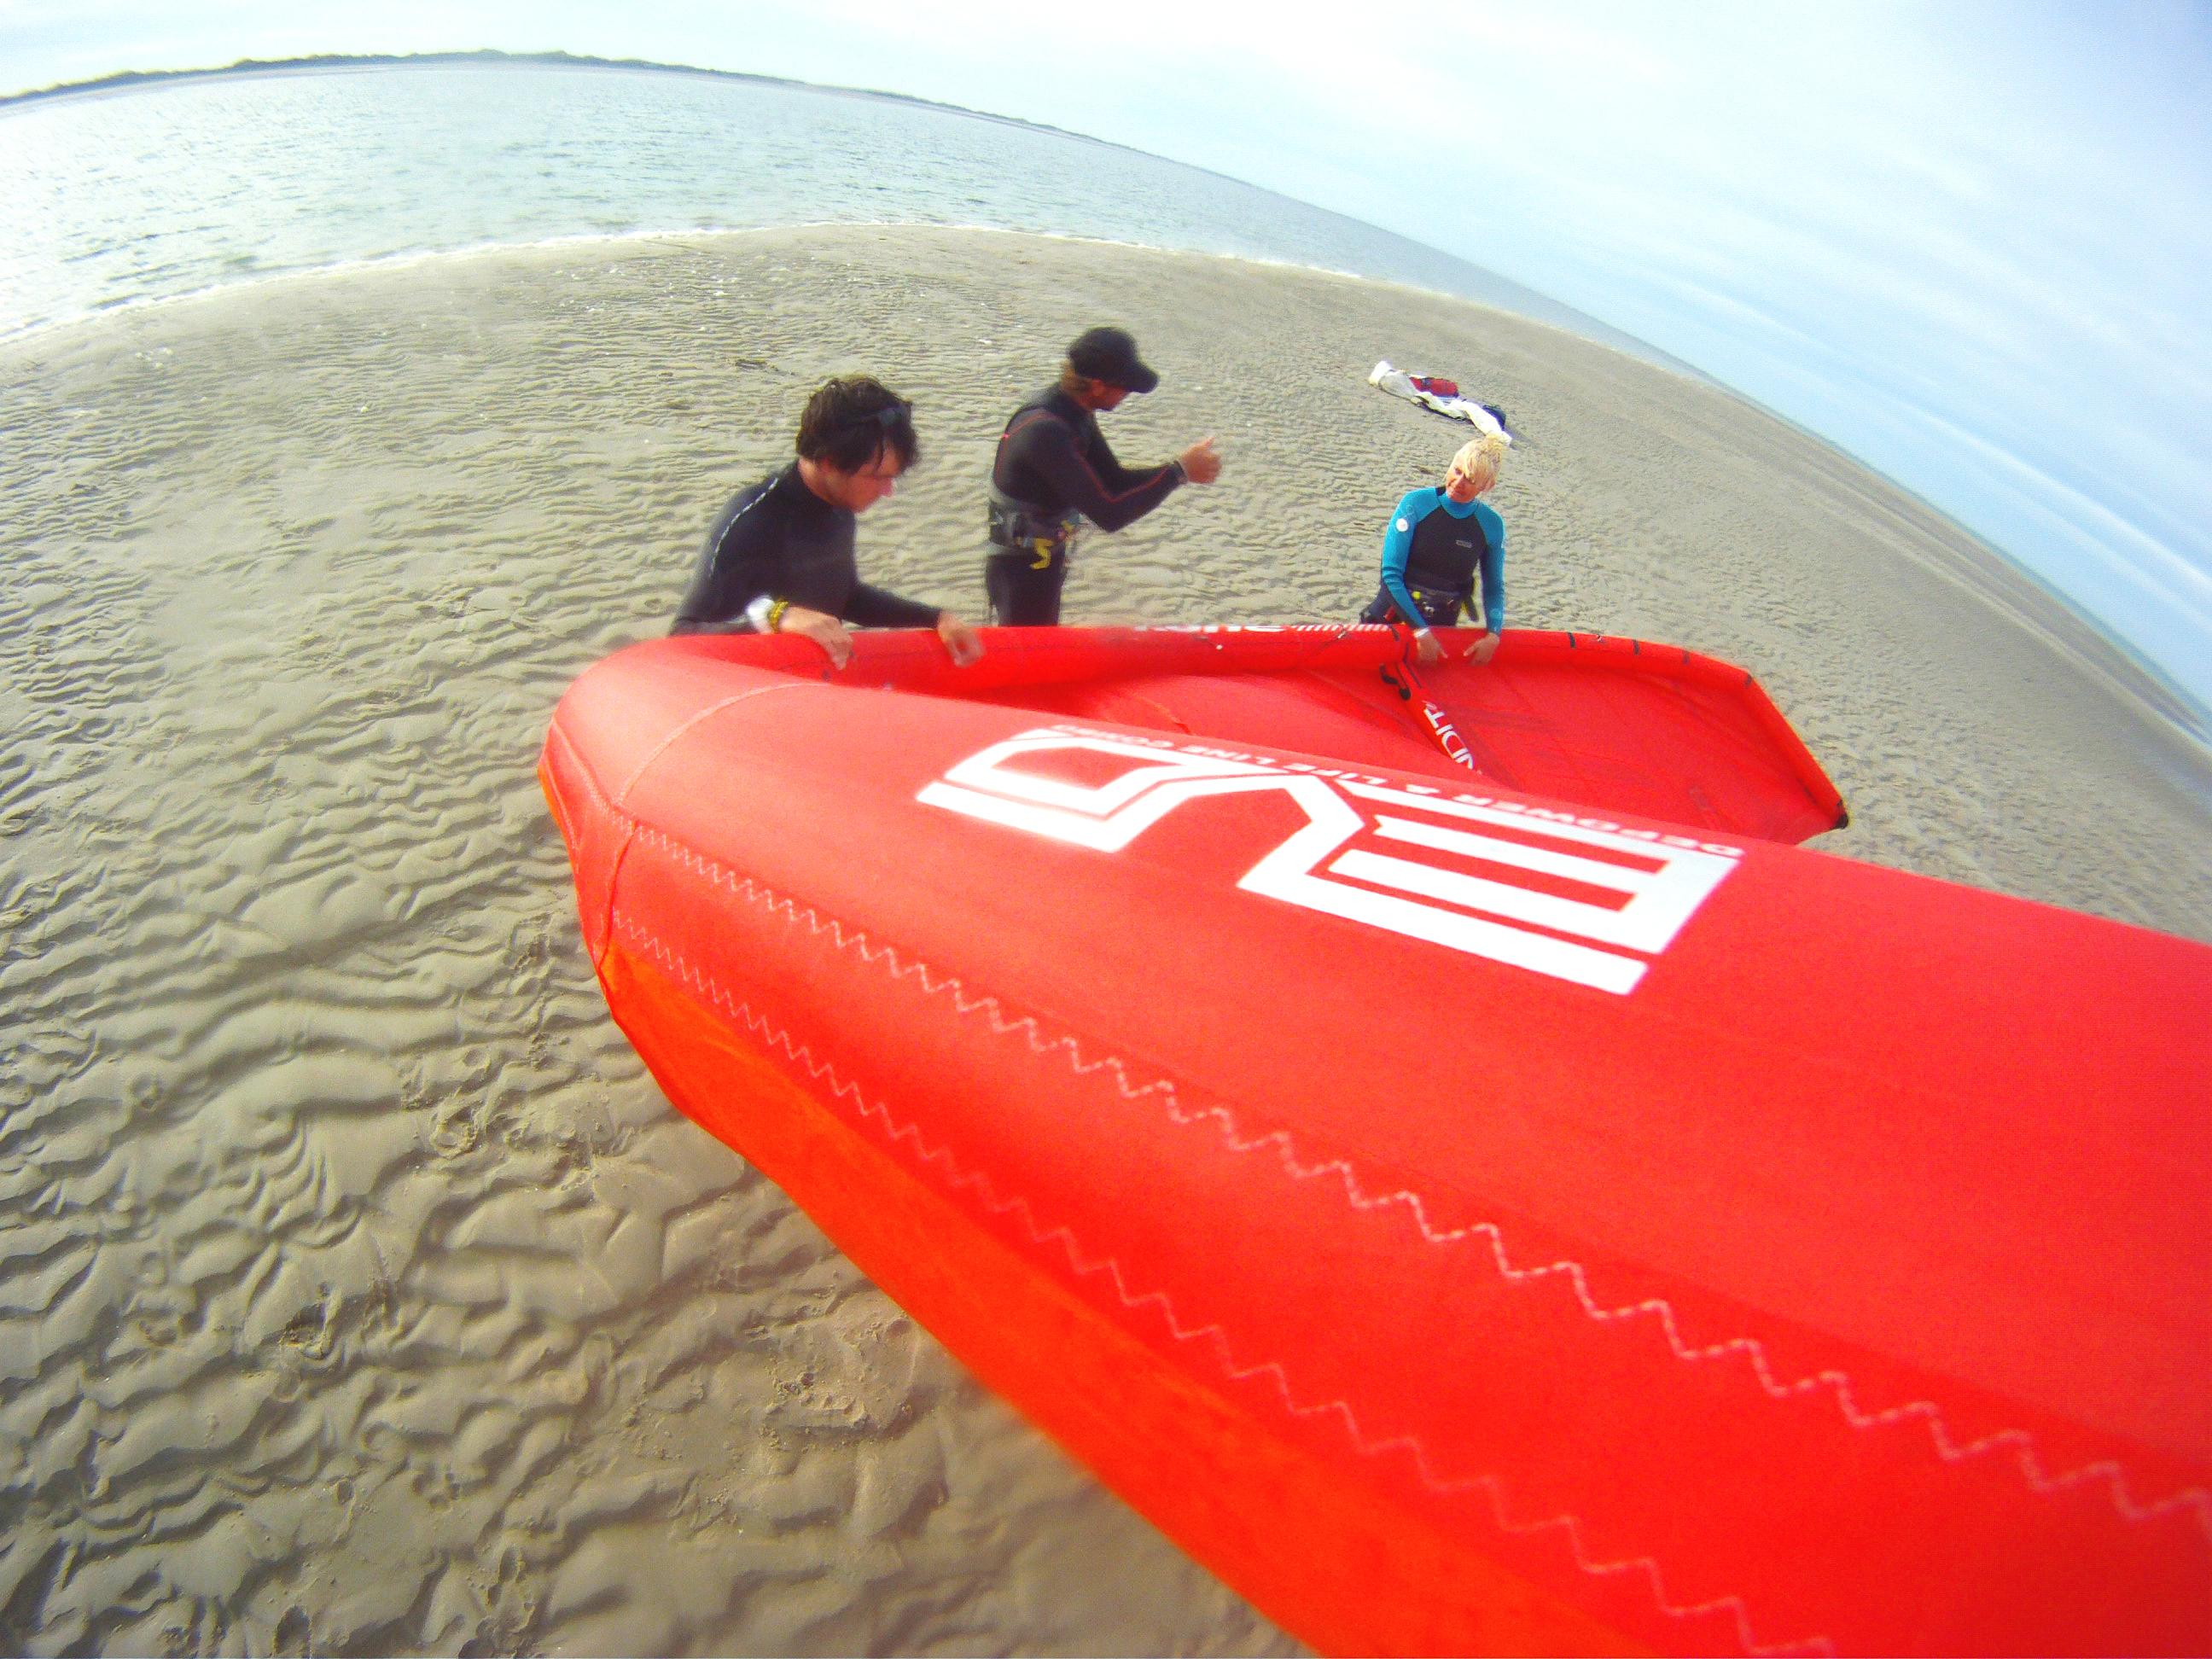 Sylt Kiten lernen am Sylt Strand mit der Kite Surfschule Sylt  im Kitekurs Kitesurfen auf Sylt